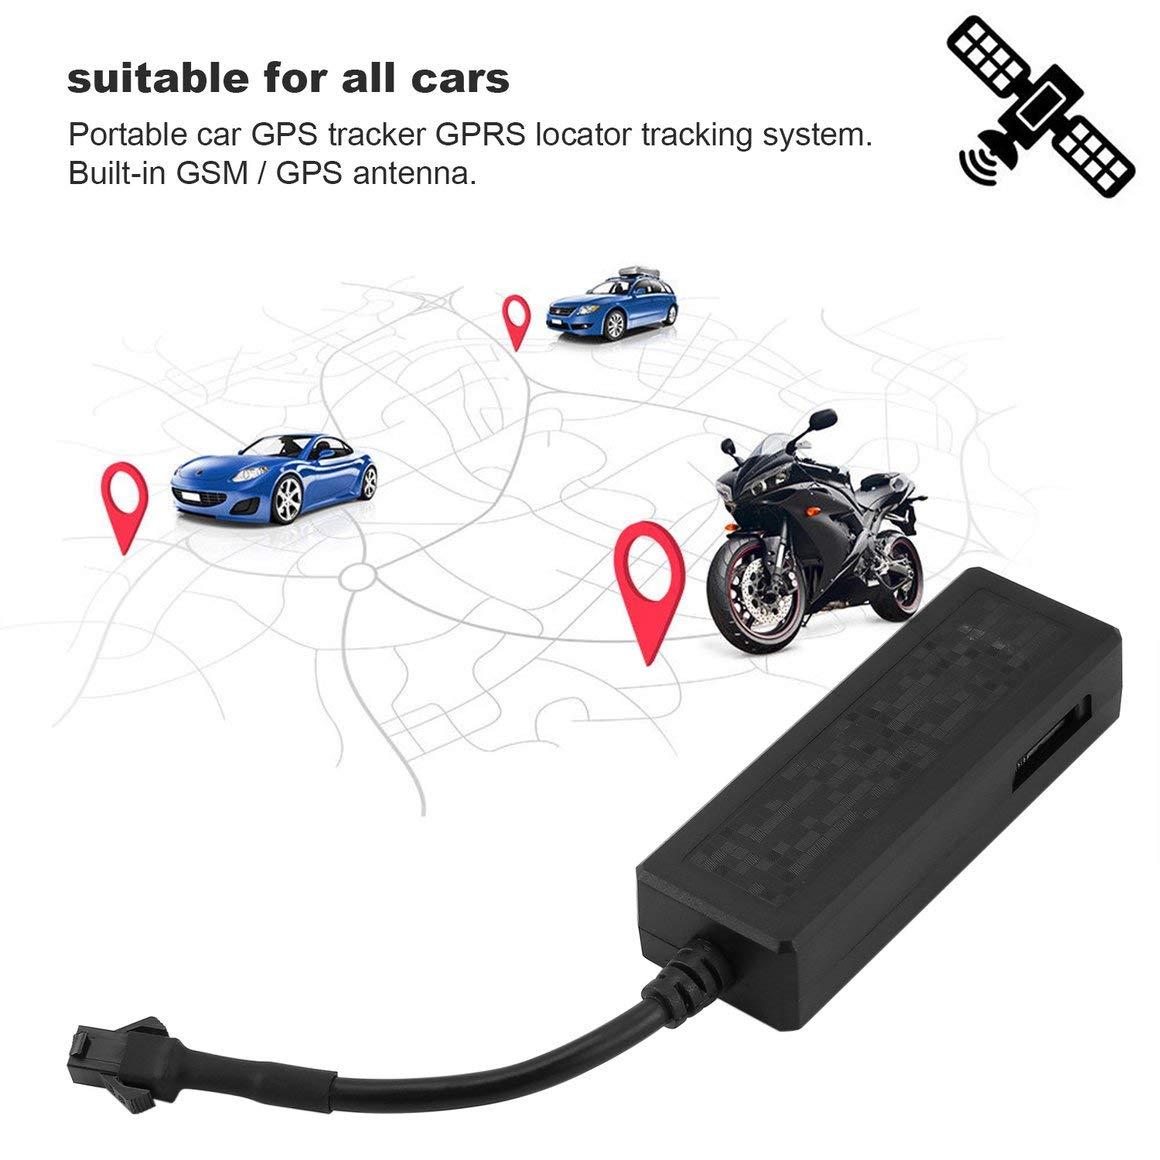 nero Funnyrunstore GPS per auto Tracker per veicoli Localizzatore GPS GSM GPRS Monitoraggio in tempo reale Dispositivo antifurto Protezione della privacy con cavo 2P